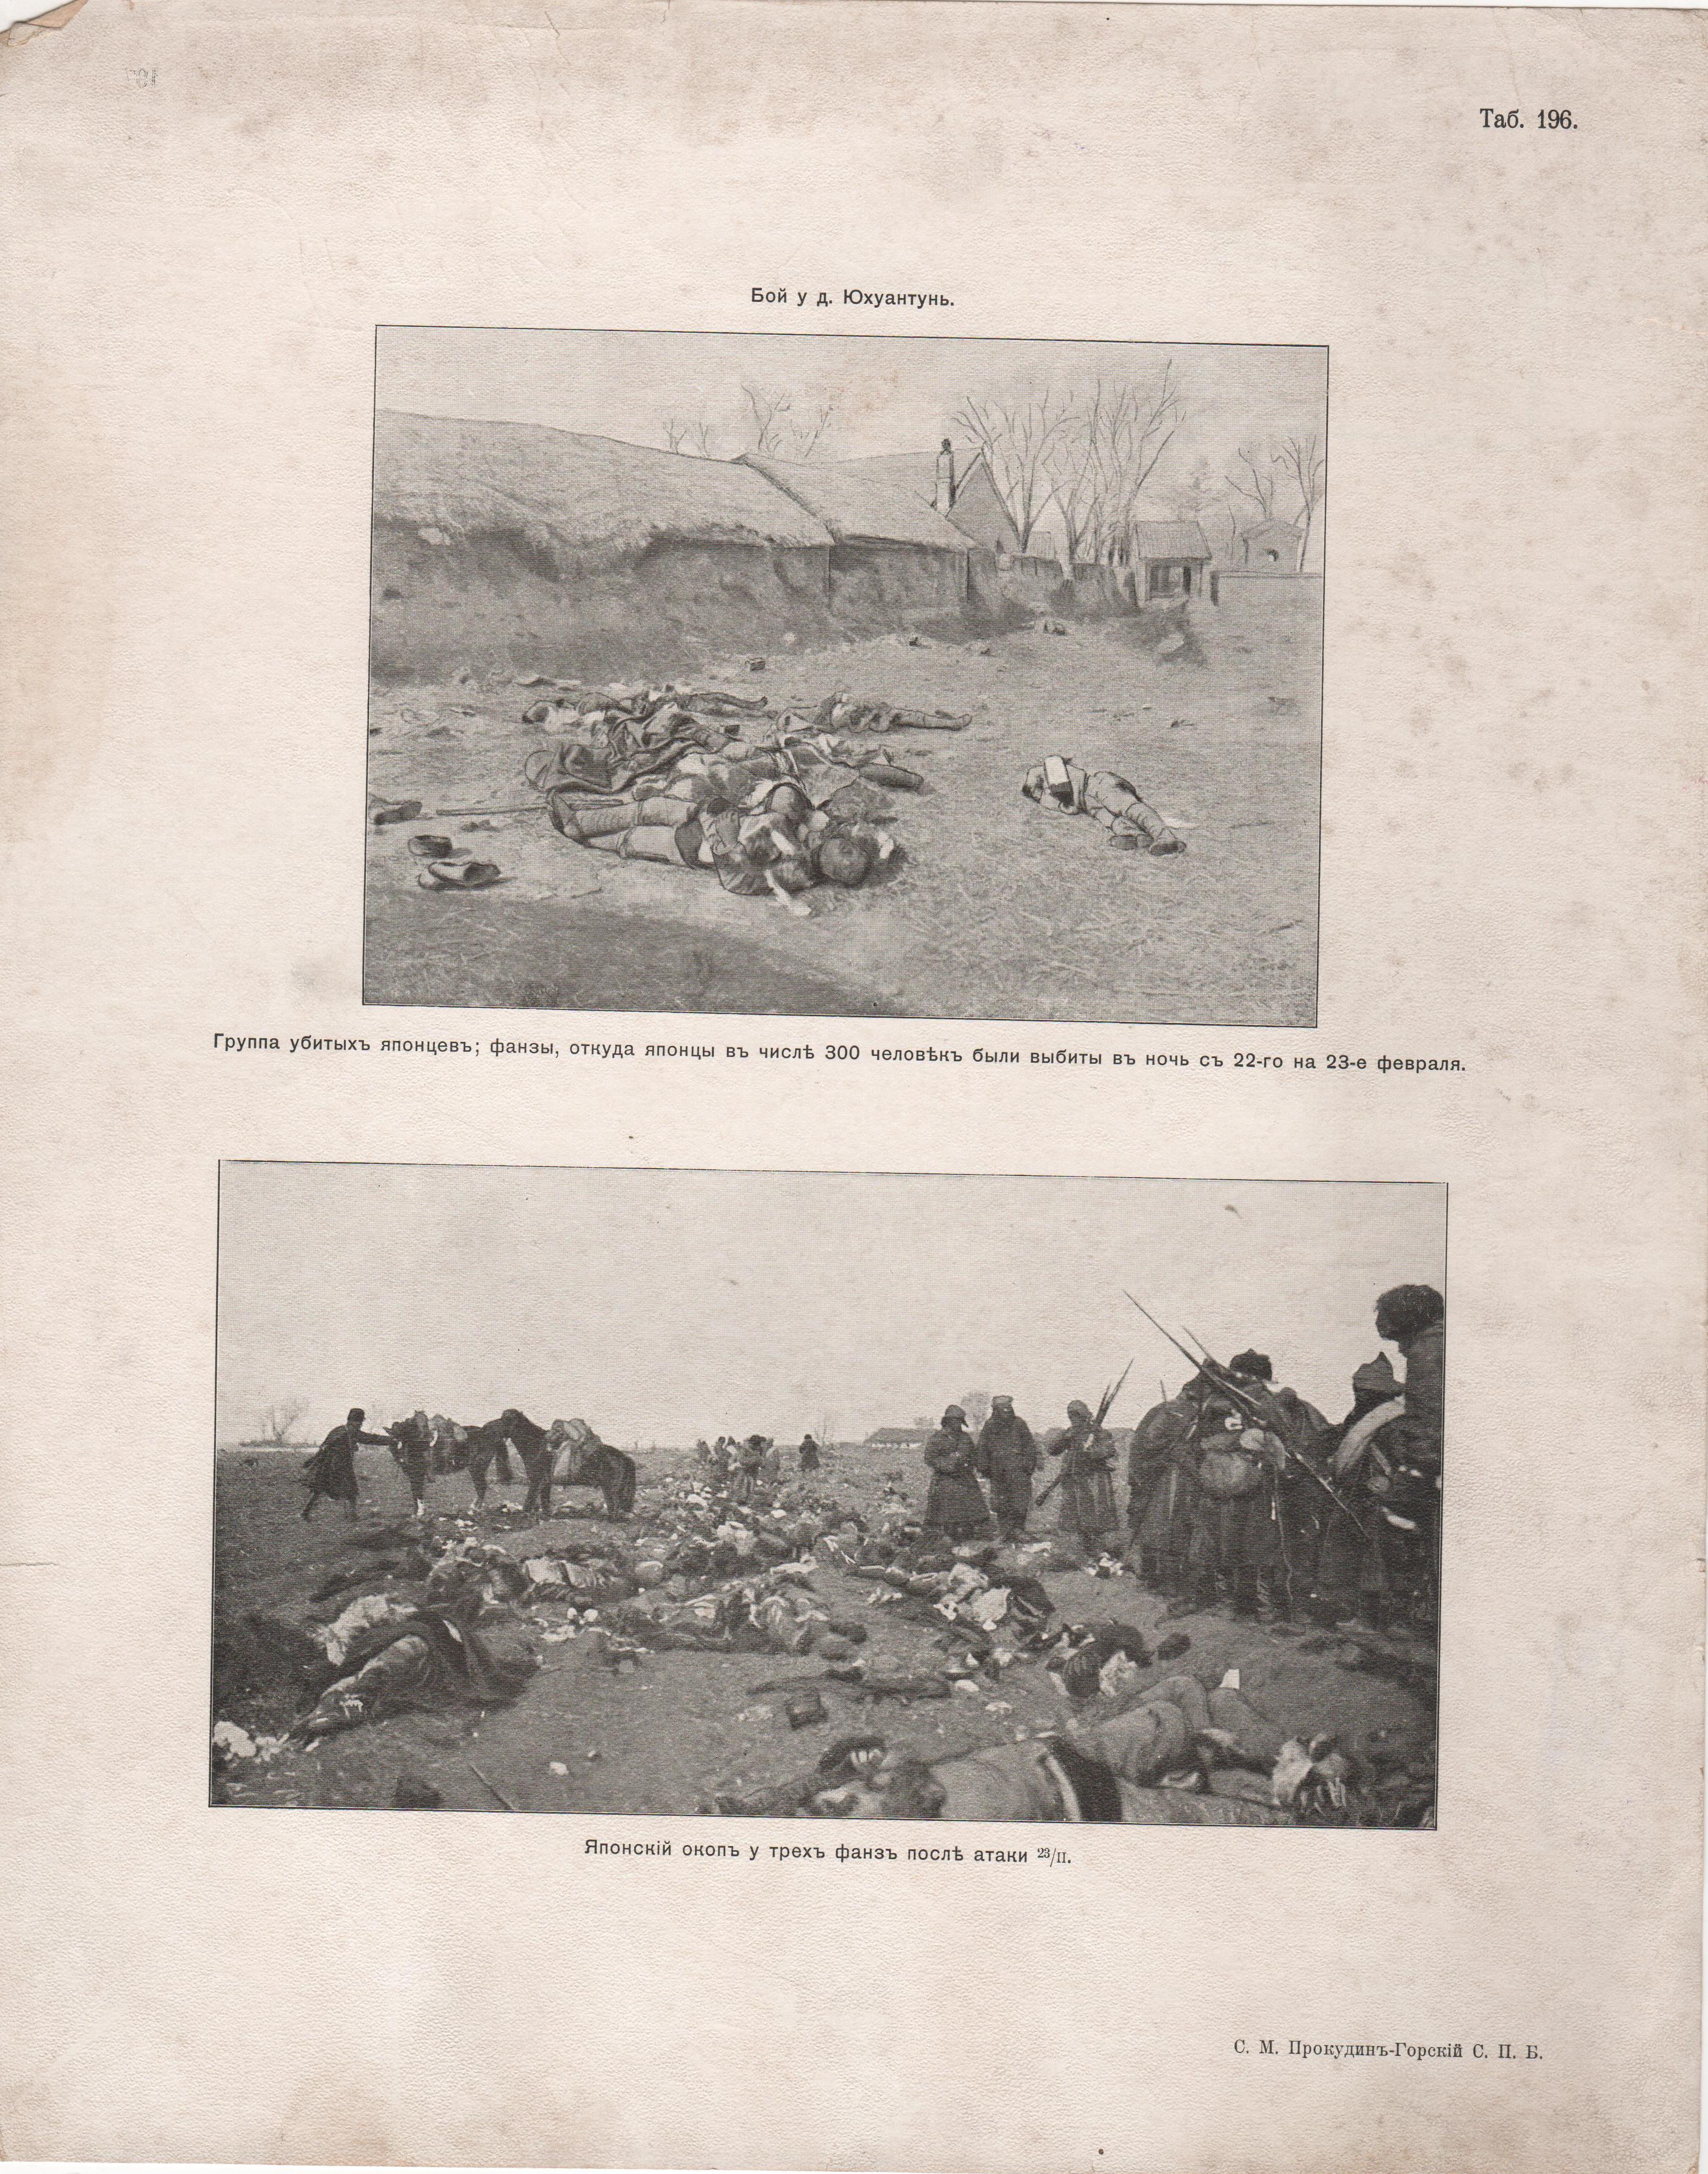 Таблиці по російсько-японській війні. Чорно-білі та кольорові. Фоторепродукції (Таб. 196. Бой у д. Юхуантунь)